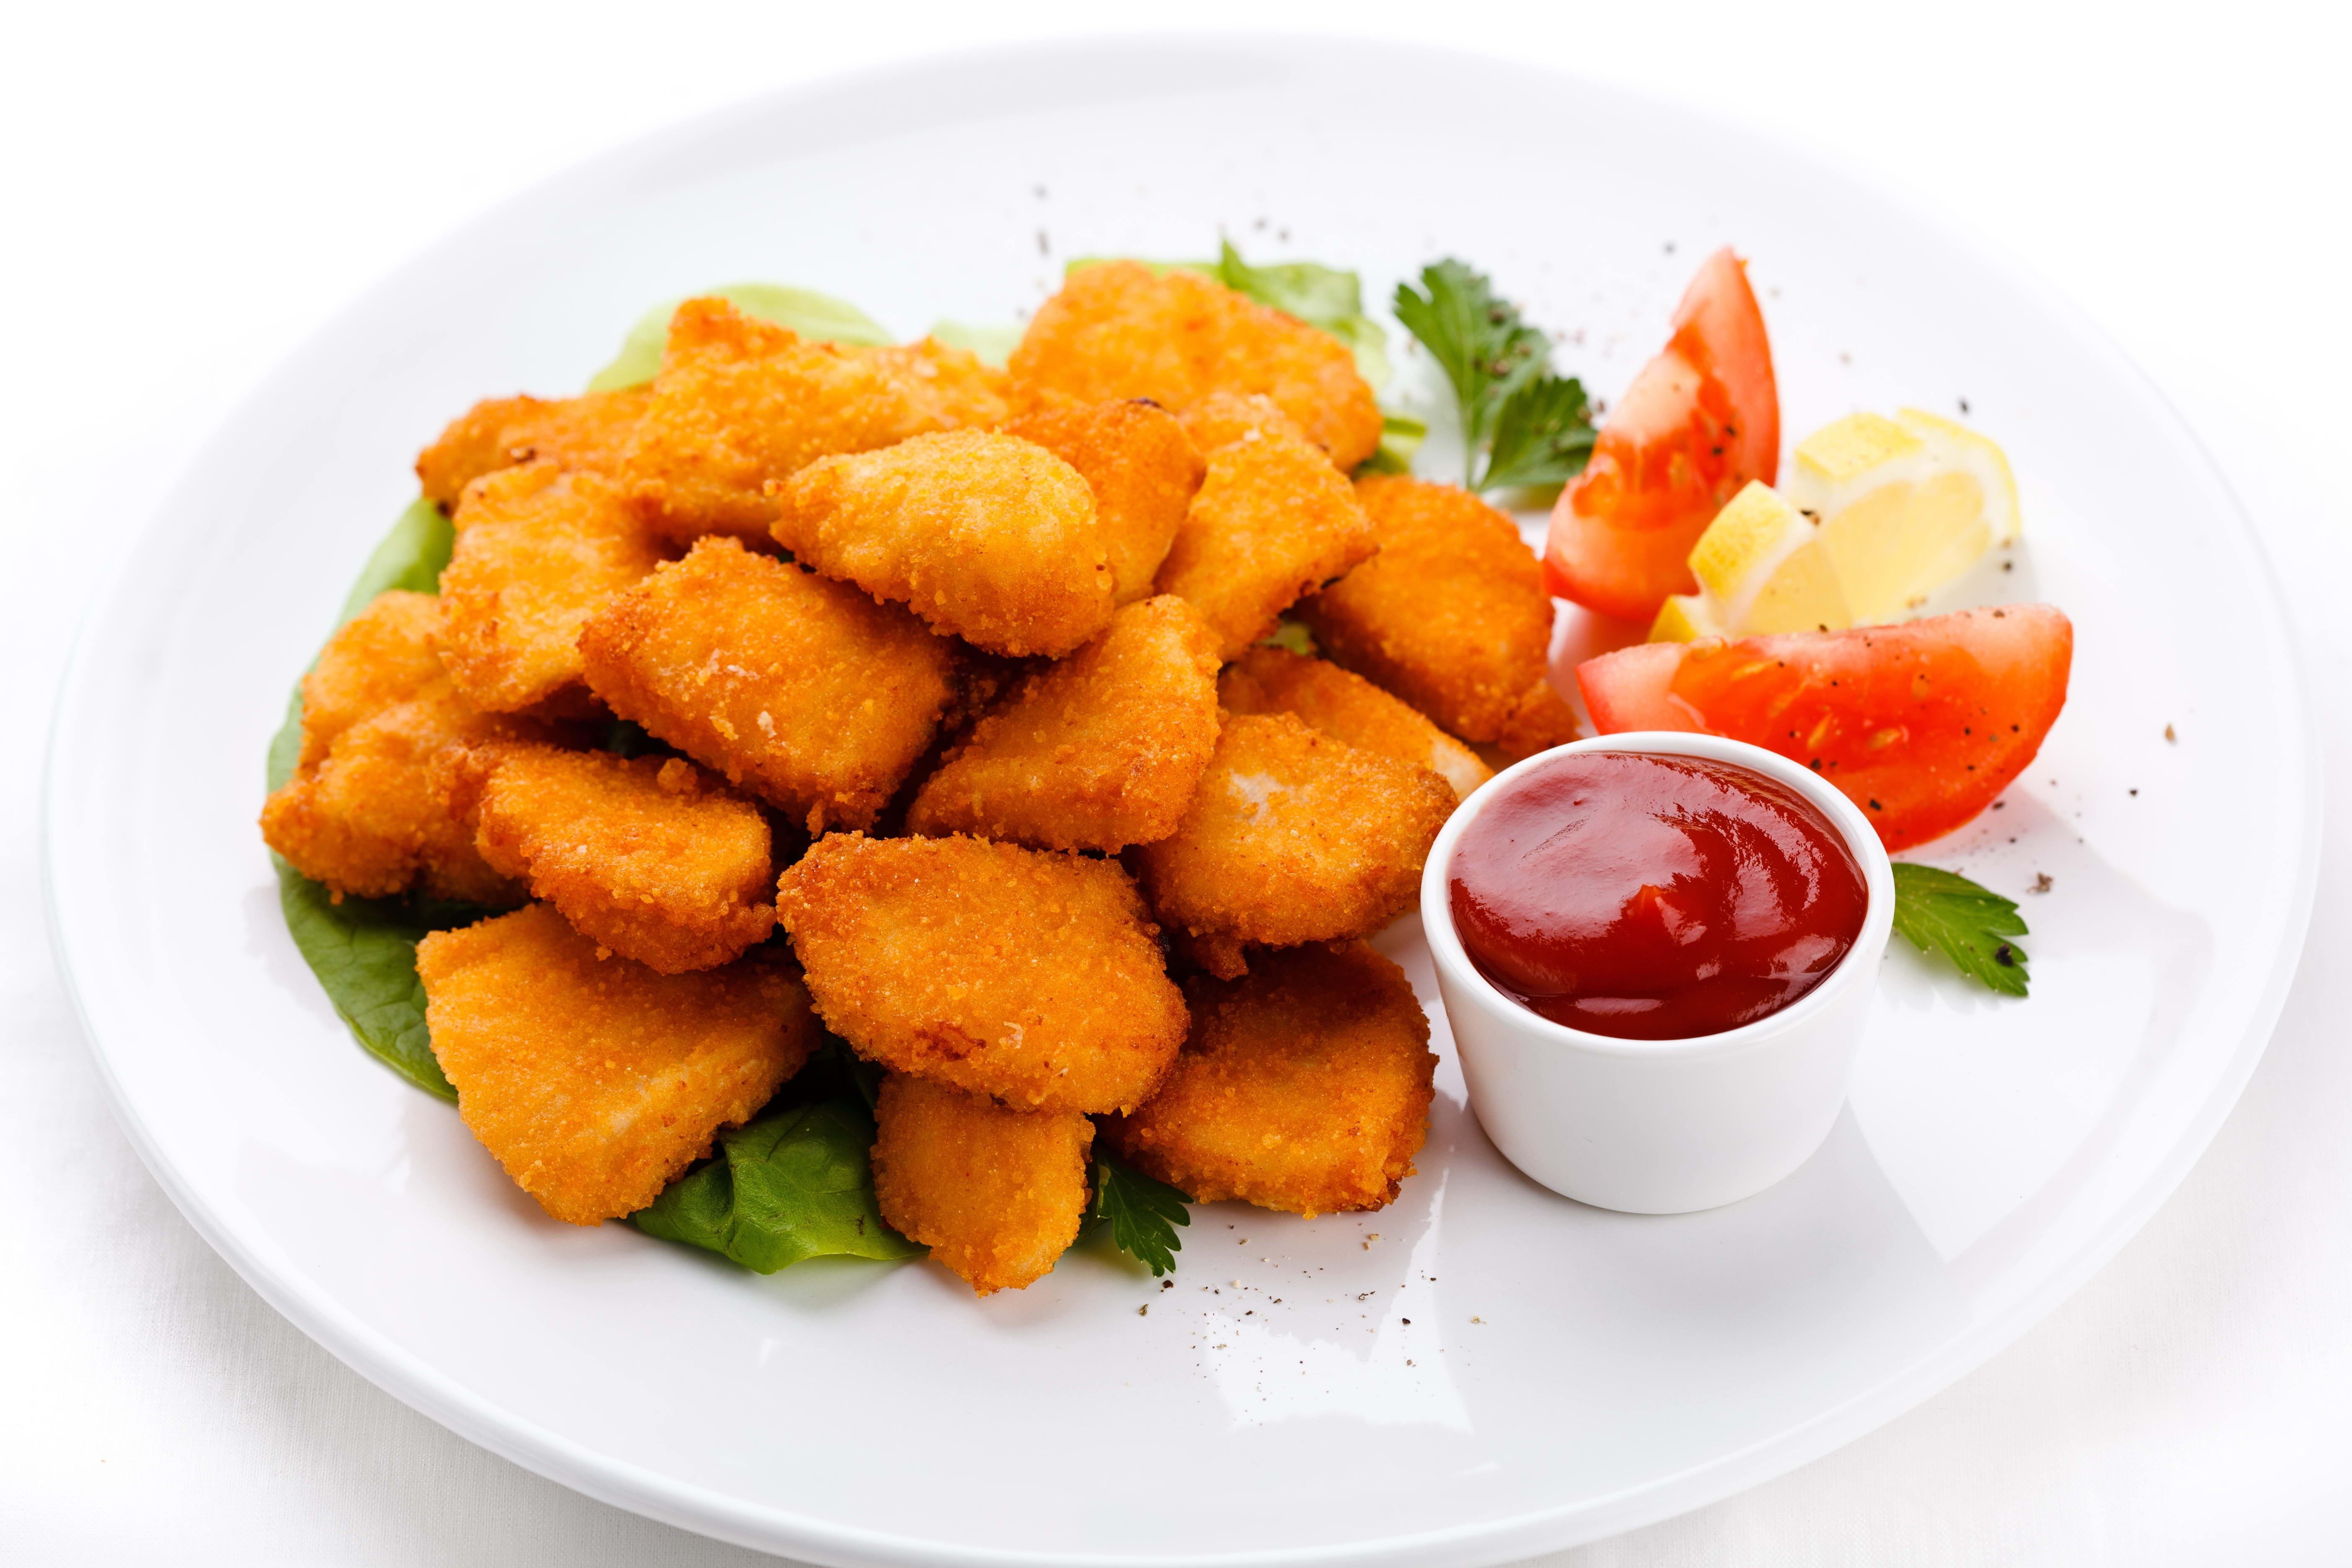 Vegetarian Fast Food Fries